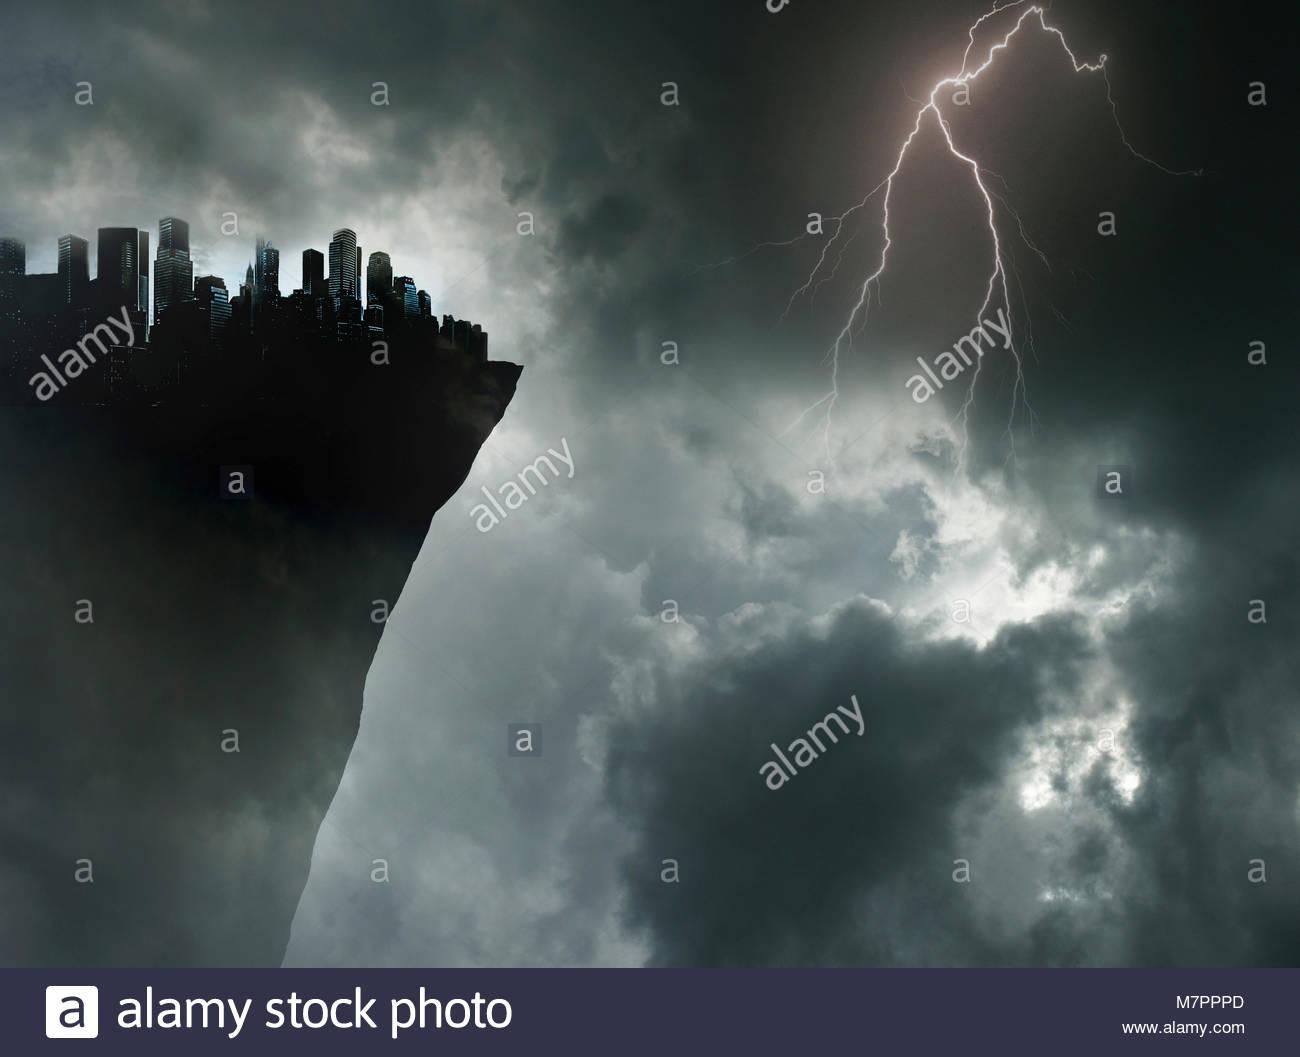 Città sul bordo di una scogliera in tempesta Immagini Stock